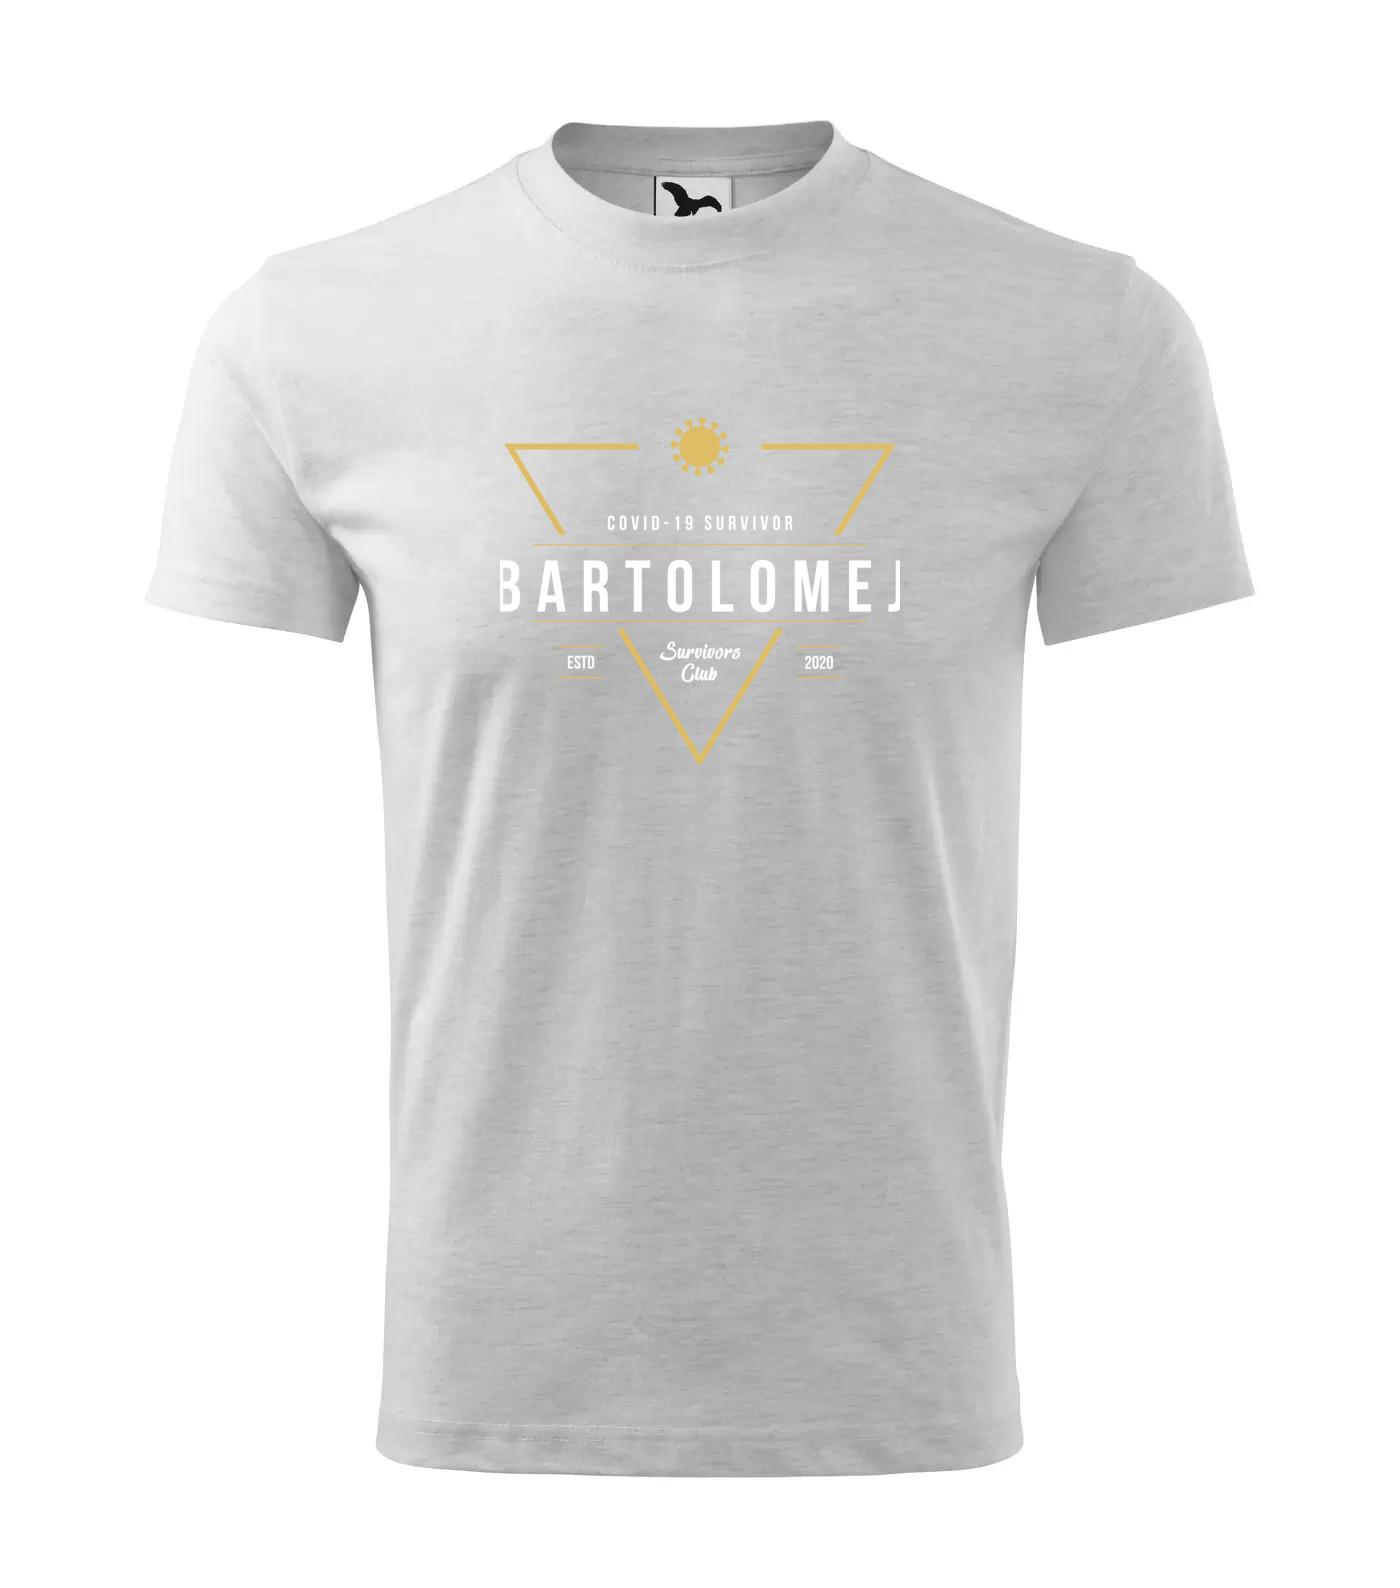 Tričko Survivor Club Bartolomej